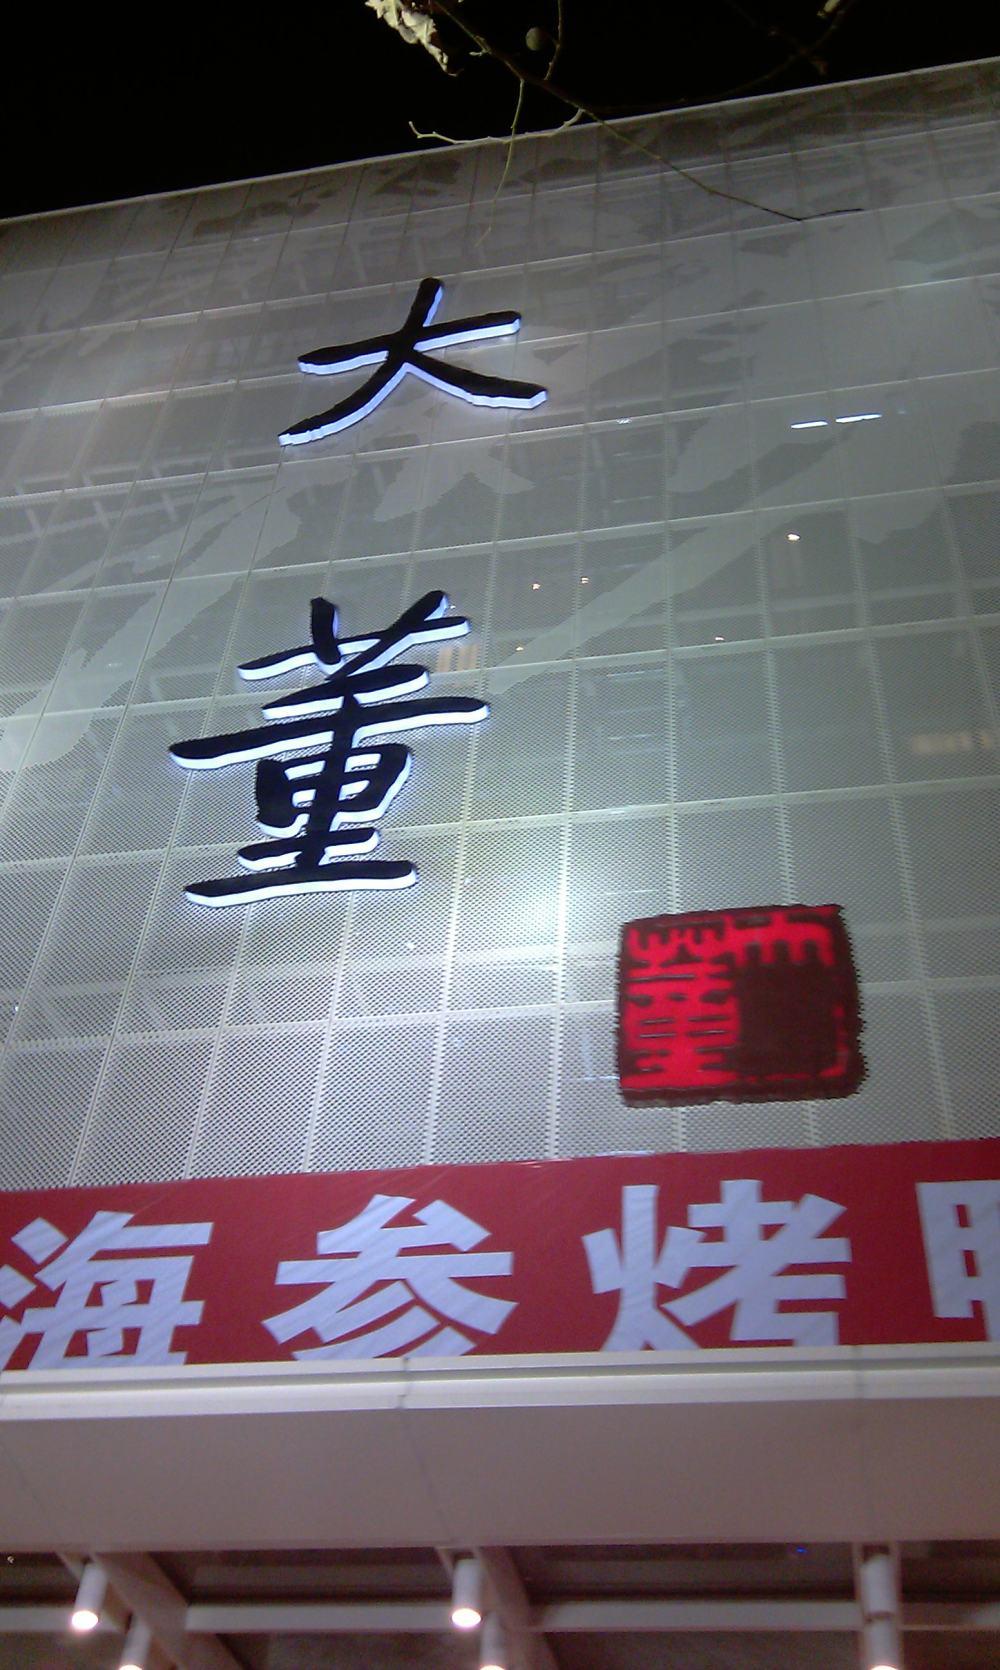 大董新中式餐厅_IMAG0394.jpg